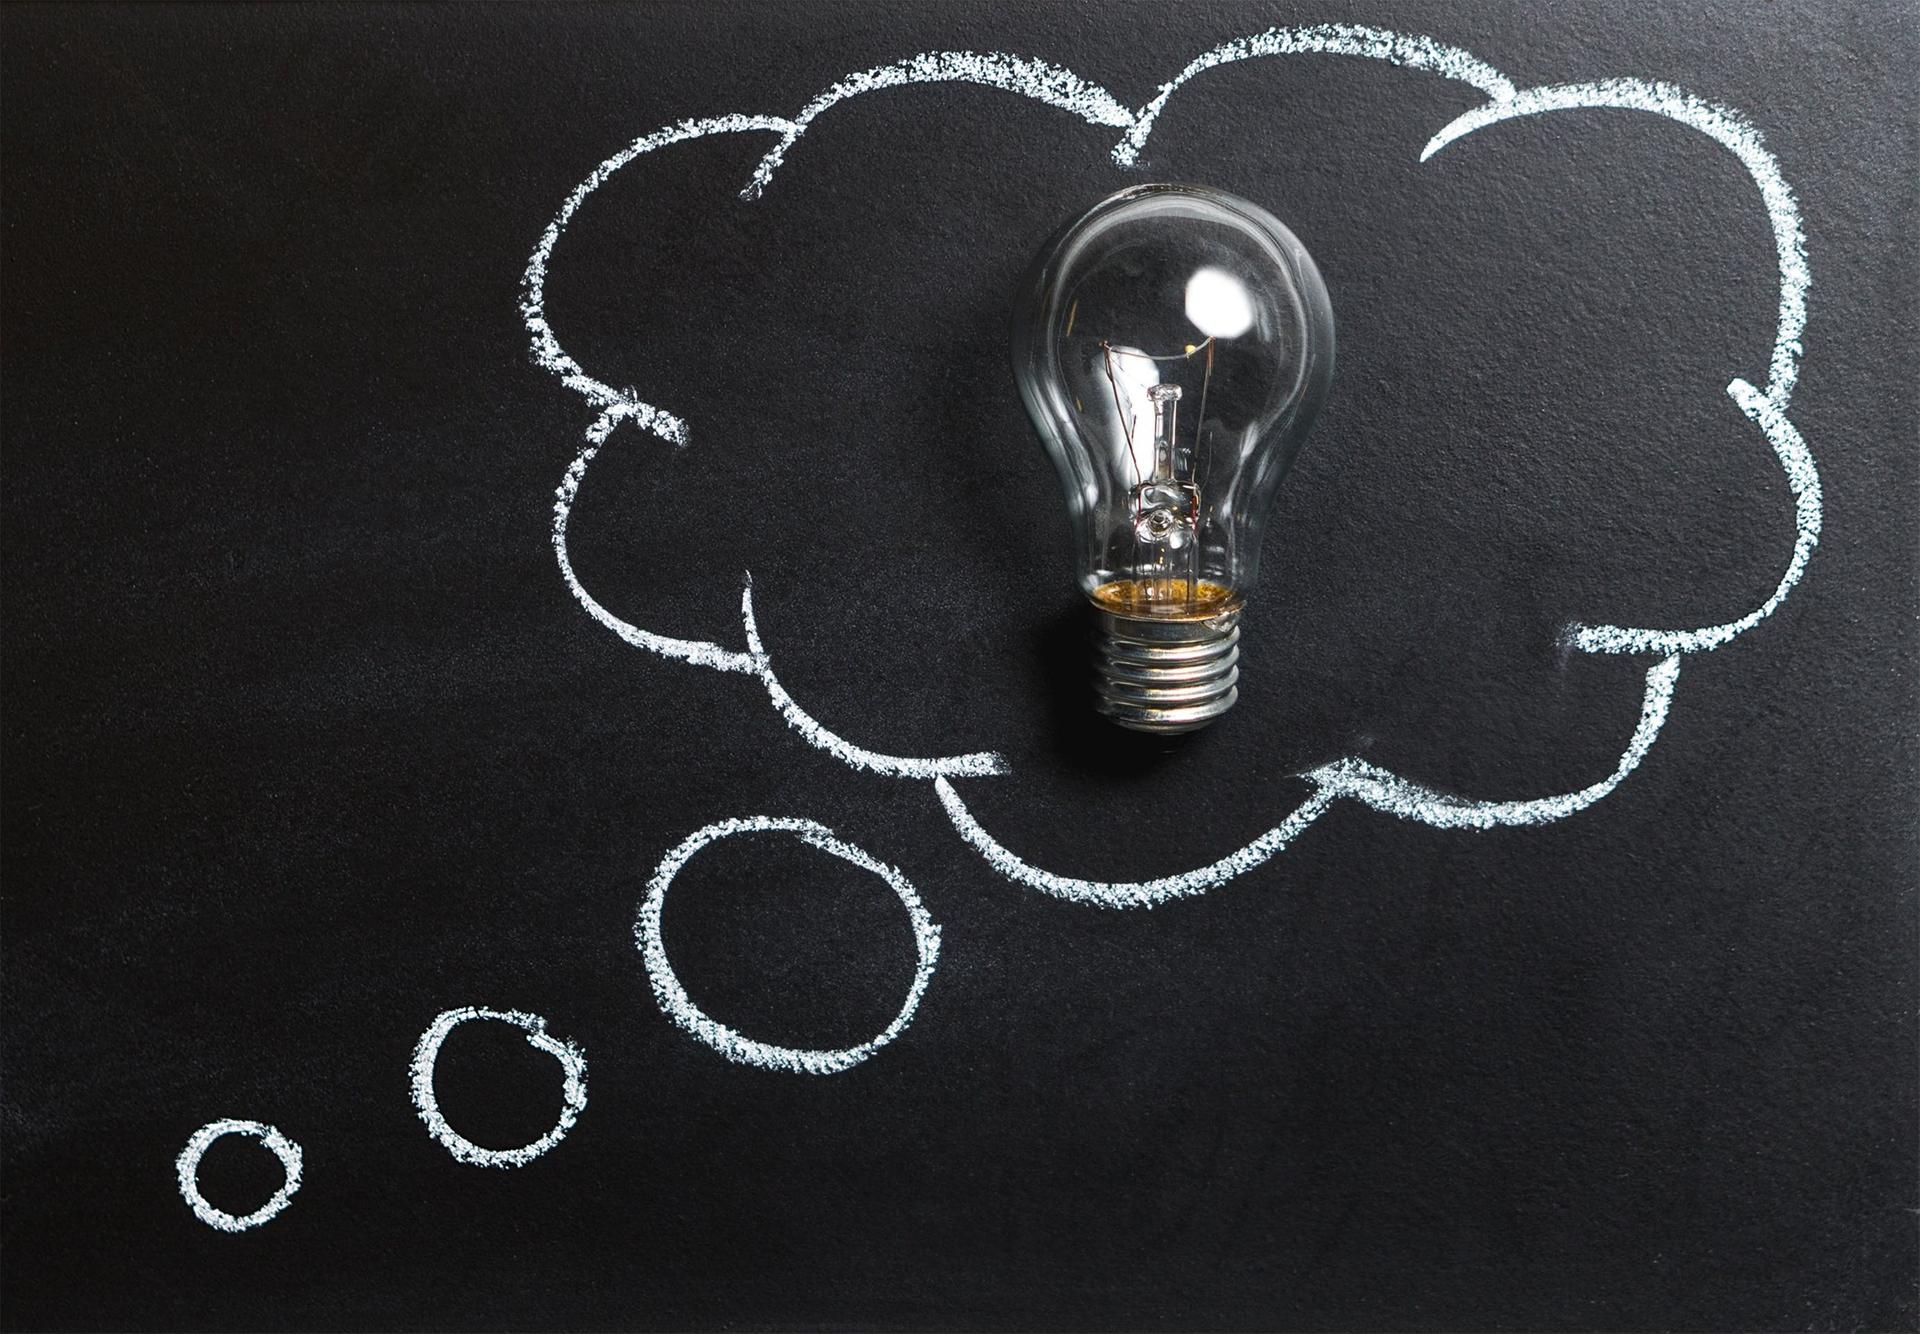 Quy trình 3 - Ý tưởng tổ chức sự kiện